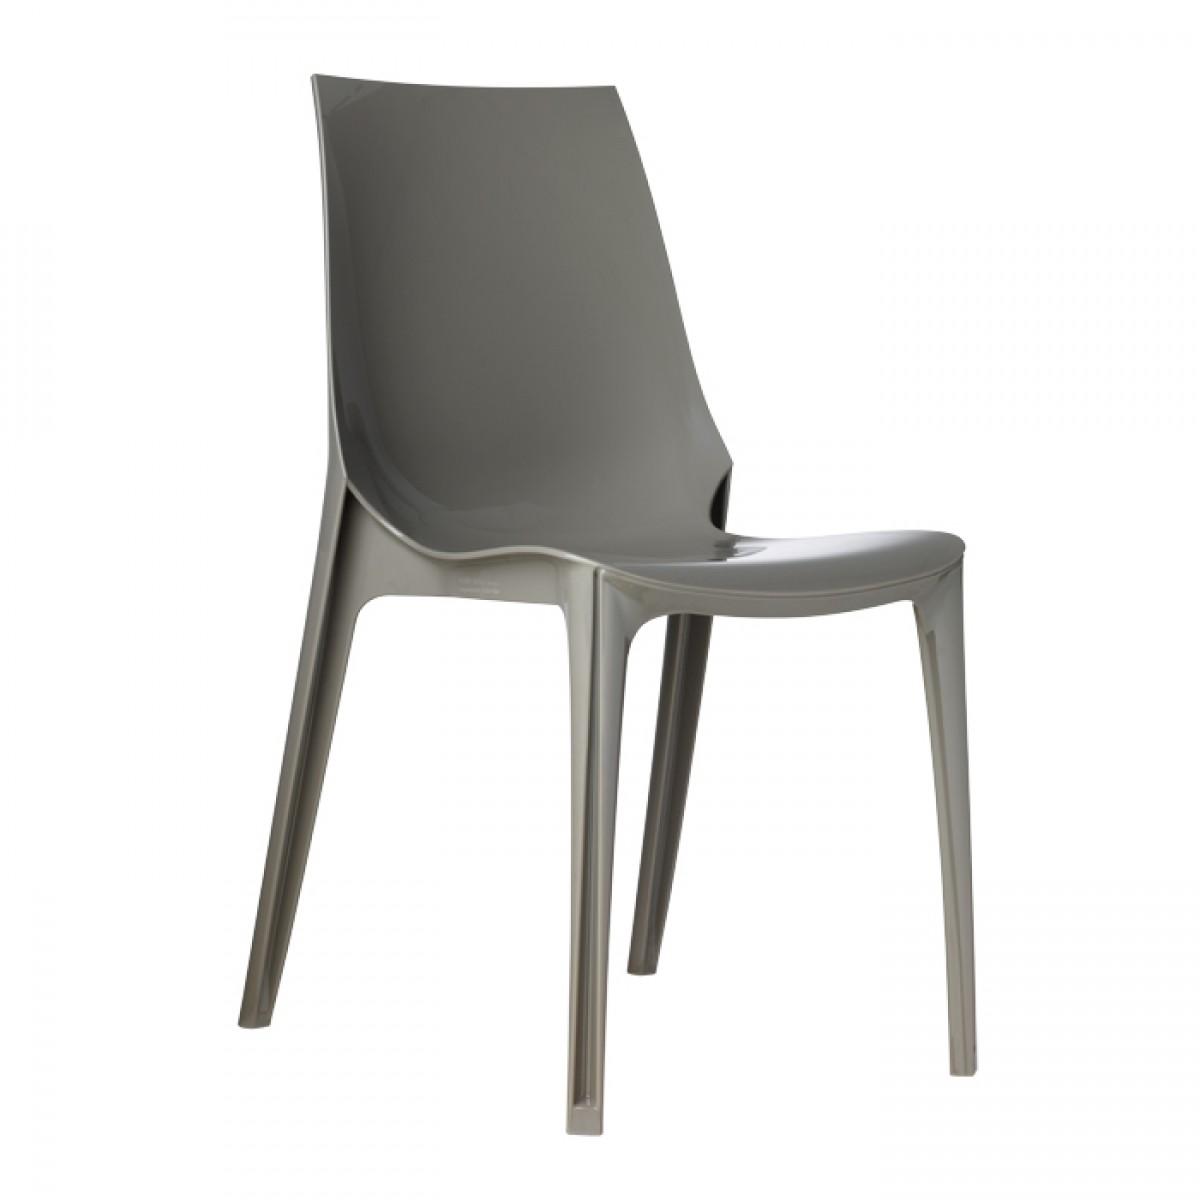 krzesło Vanity Scab Design tortora dove